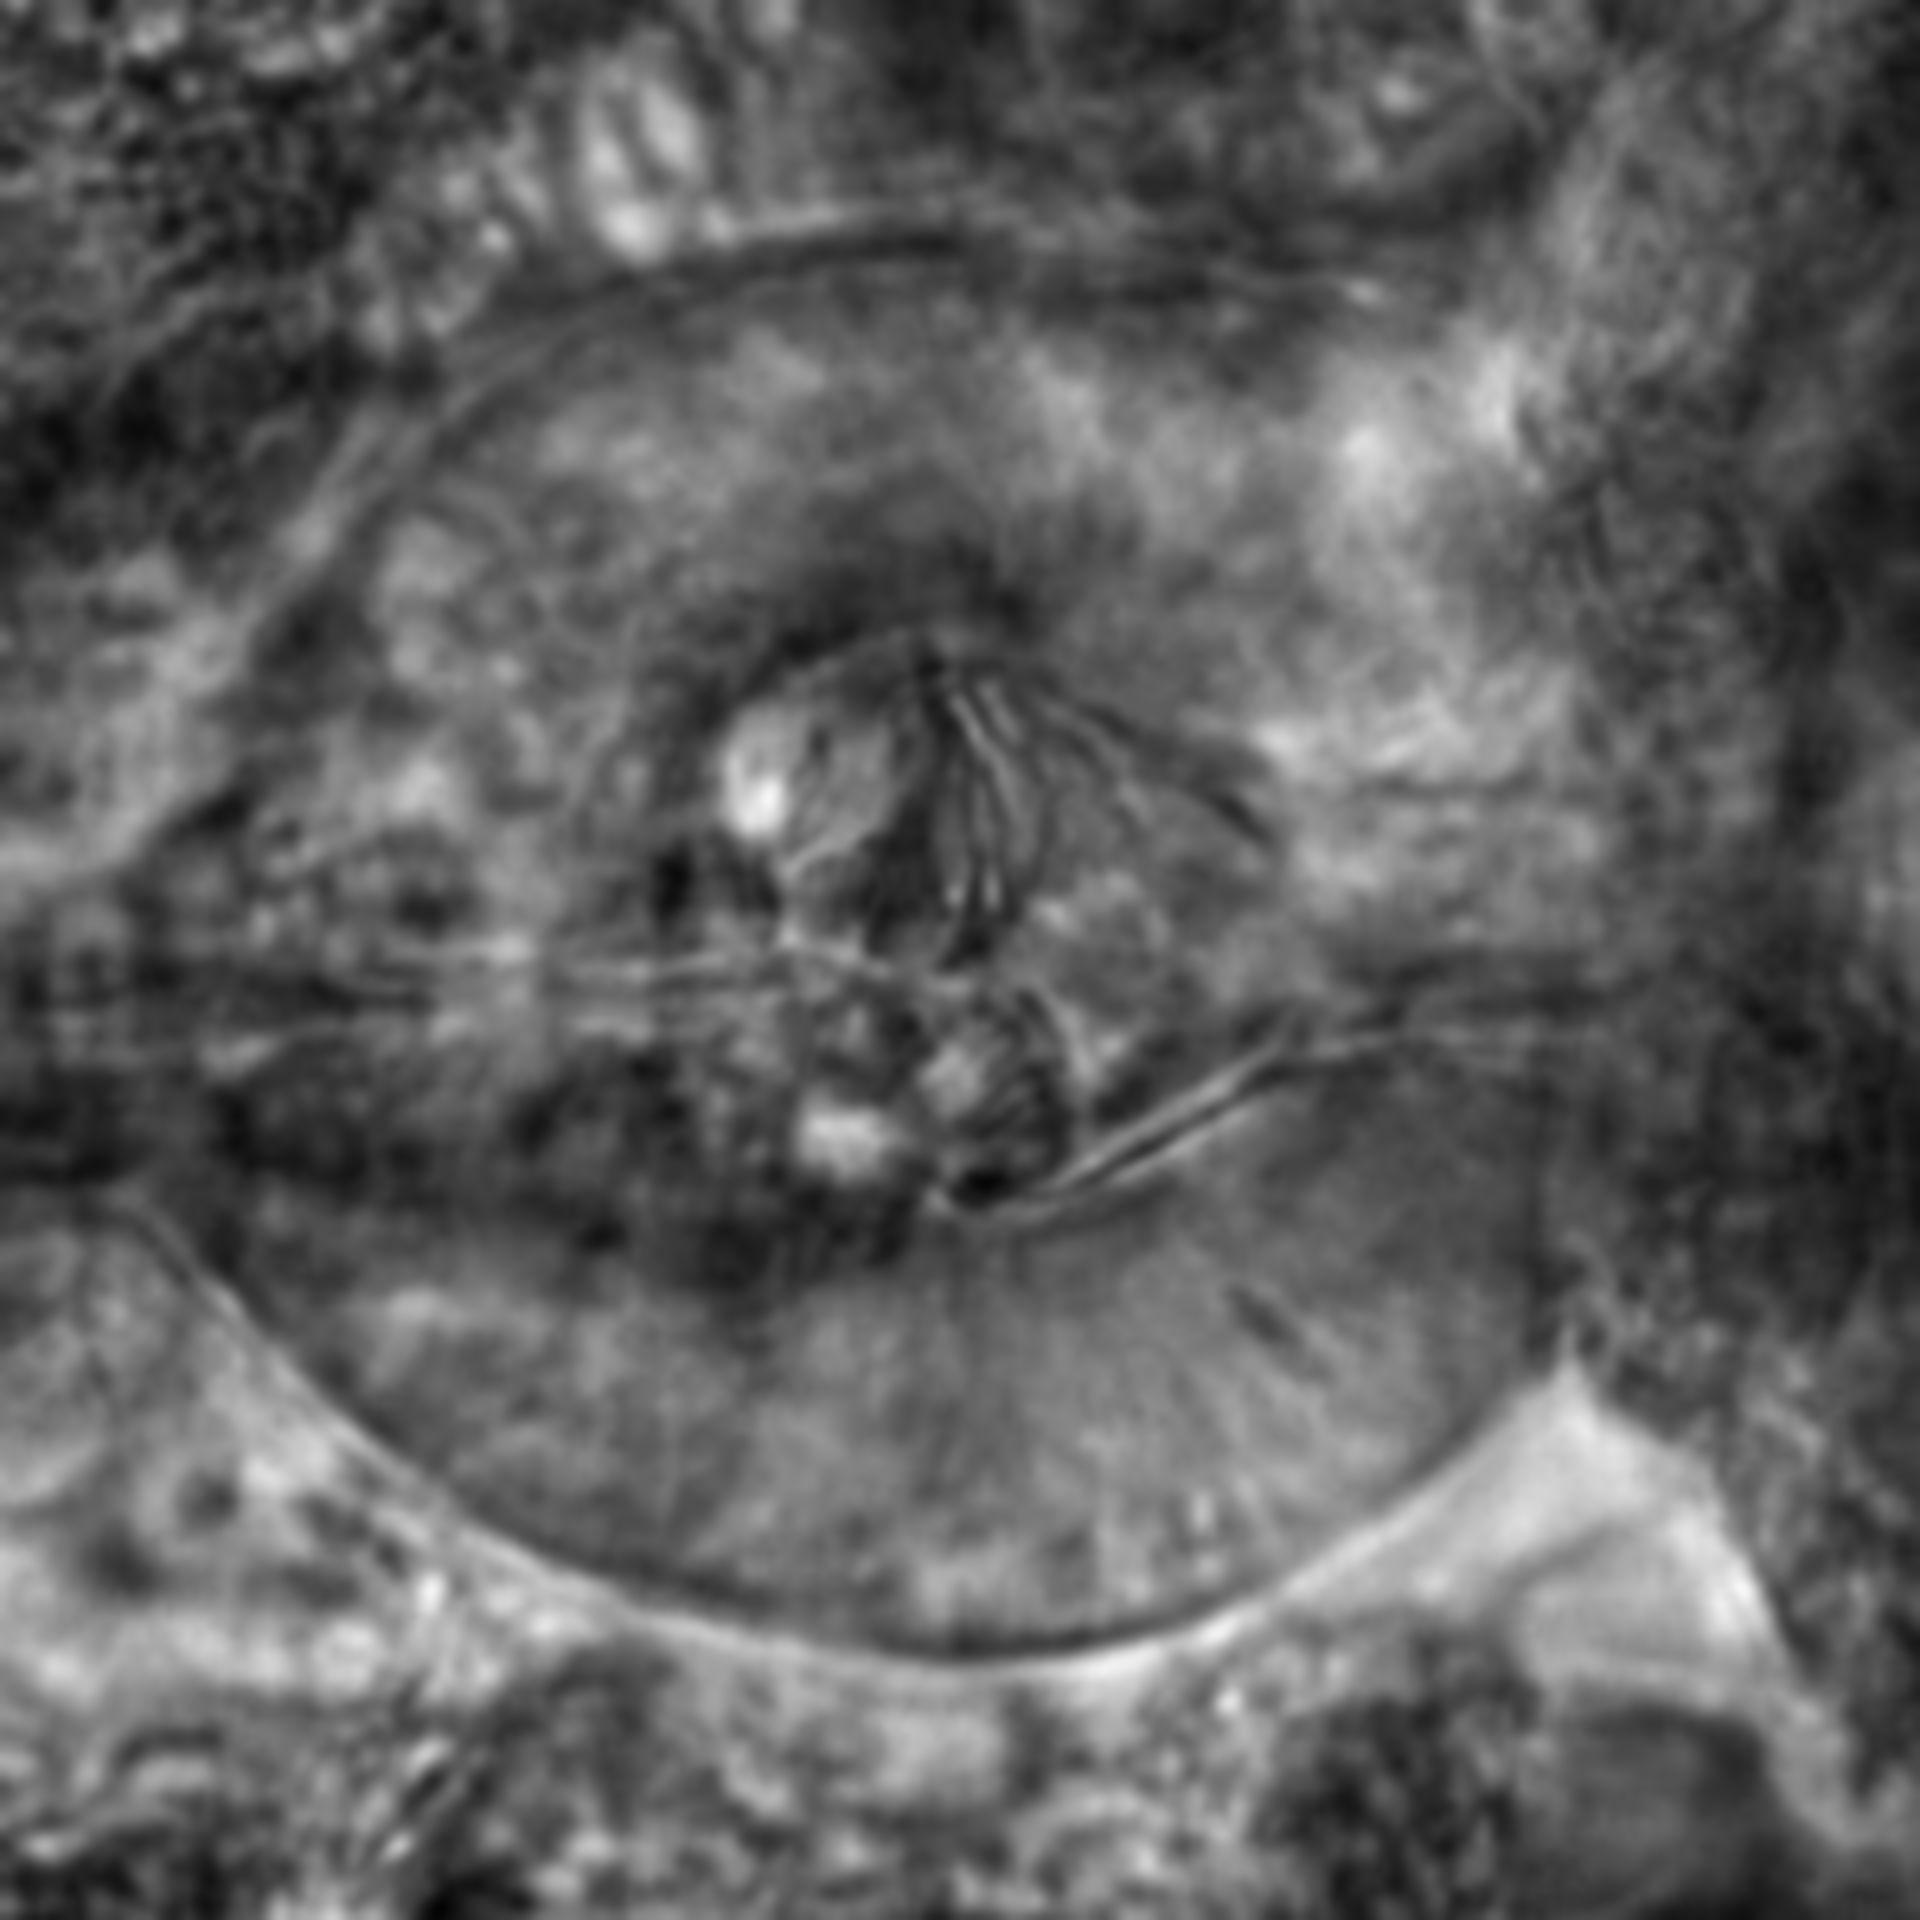 Caenorhabditis elegans - CIL:2710